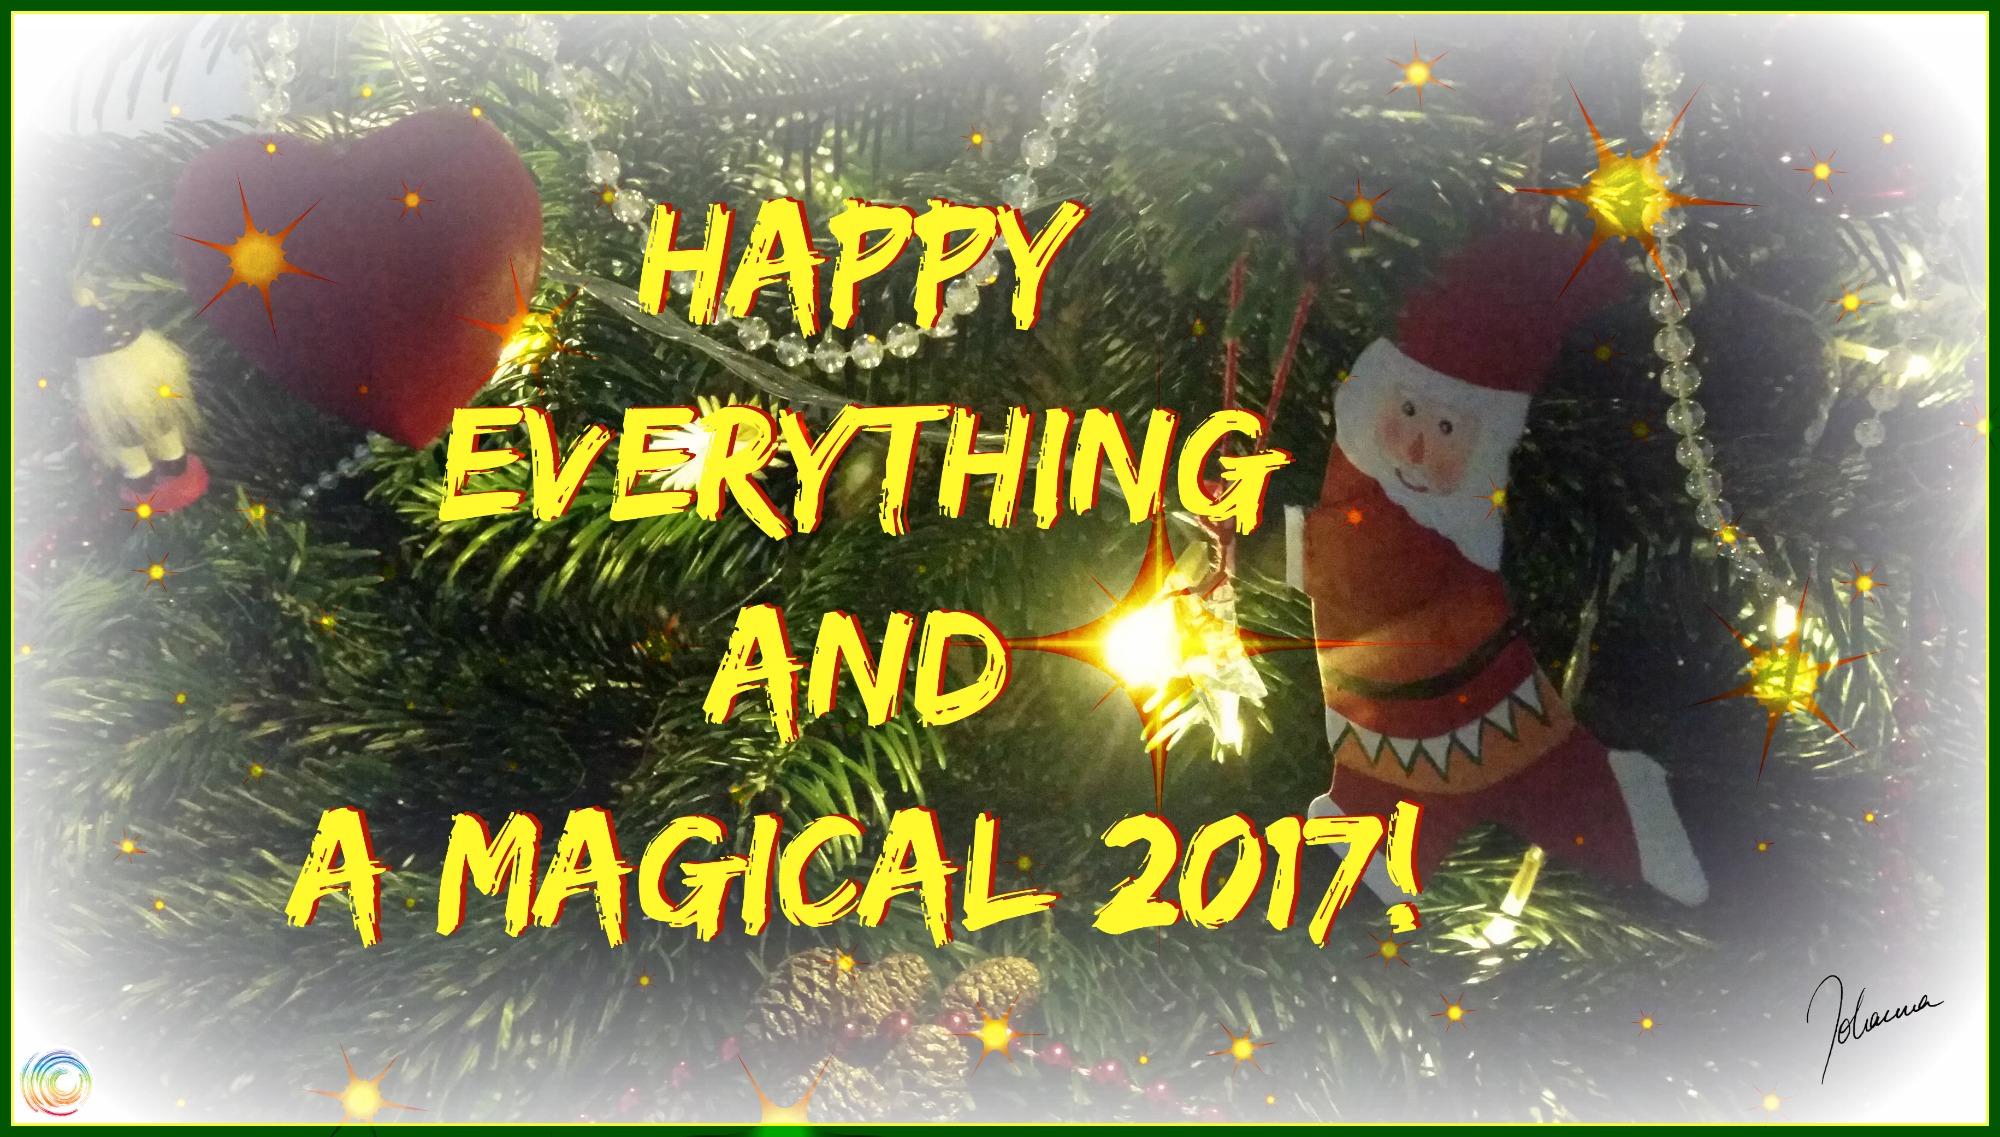 Weihnachtsschmuck mit Text: Happy everything and a magical 2017! (c) Johanna Ringe 2016 www.dein-buntes-leben.de